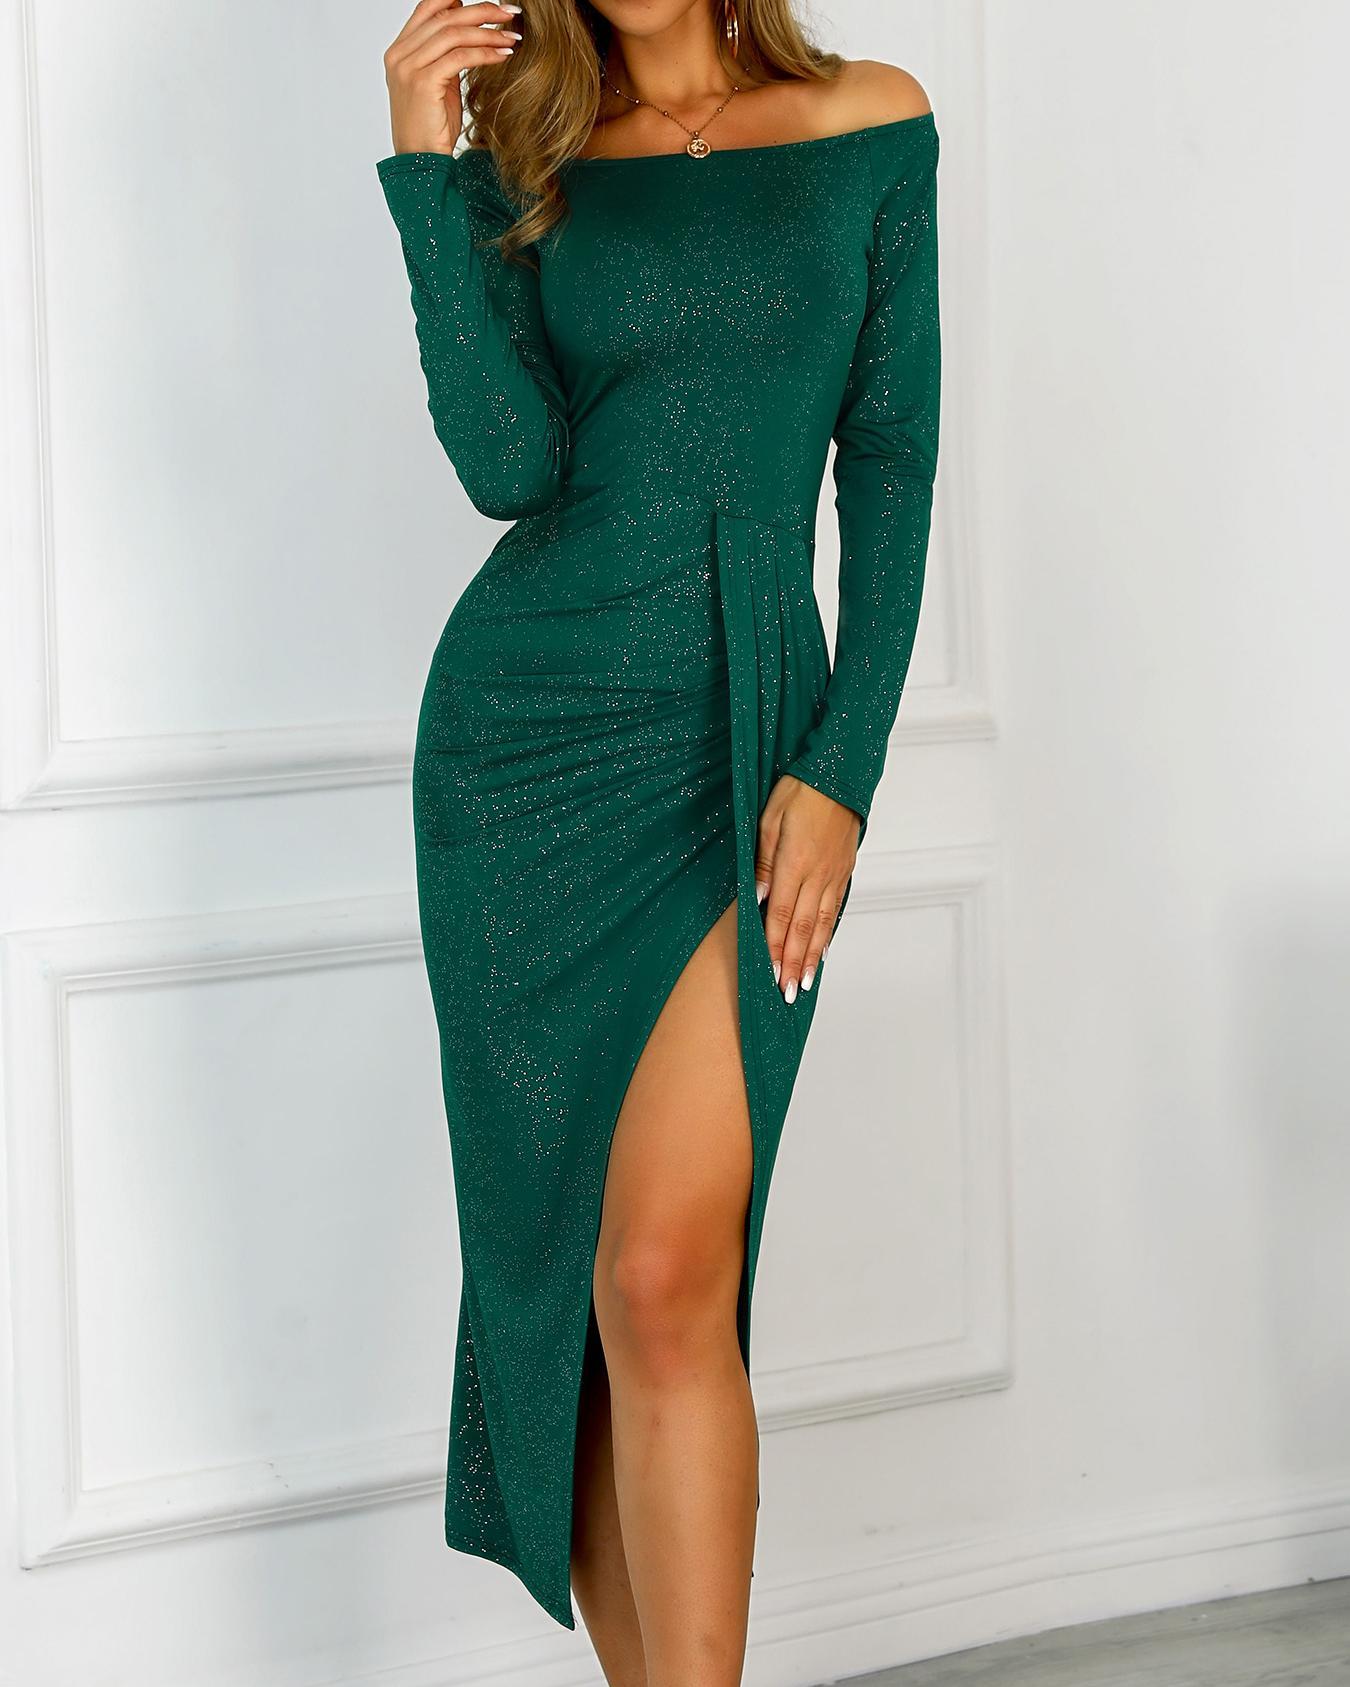 chicme / Glitter Off Shoulder Ruched Design Slit Dress